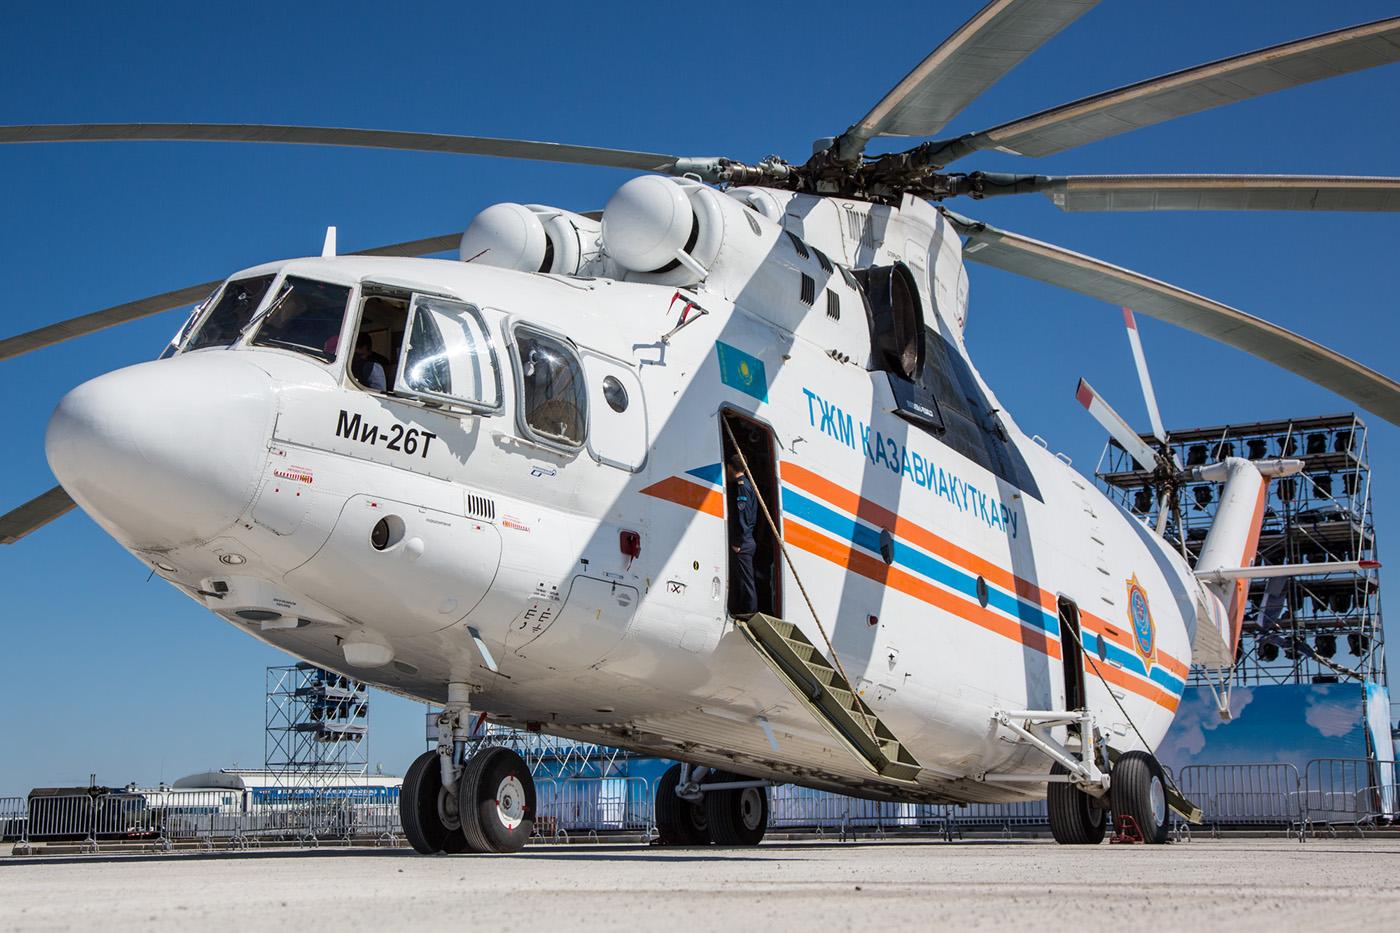 Die Mi-26 aus dem liegen.